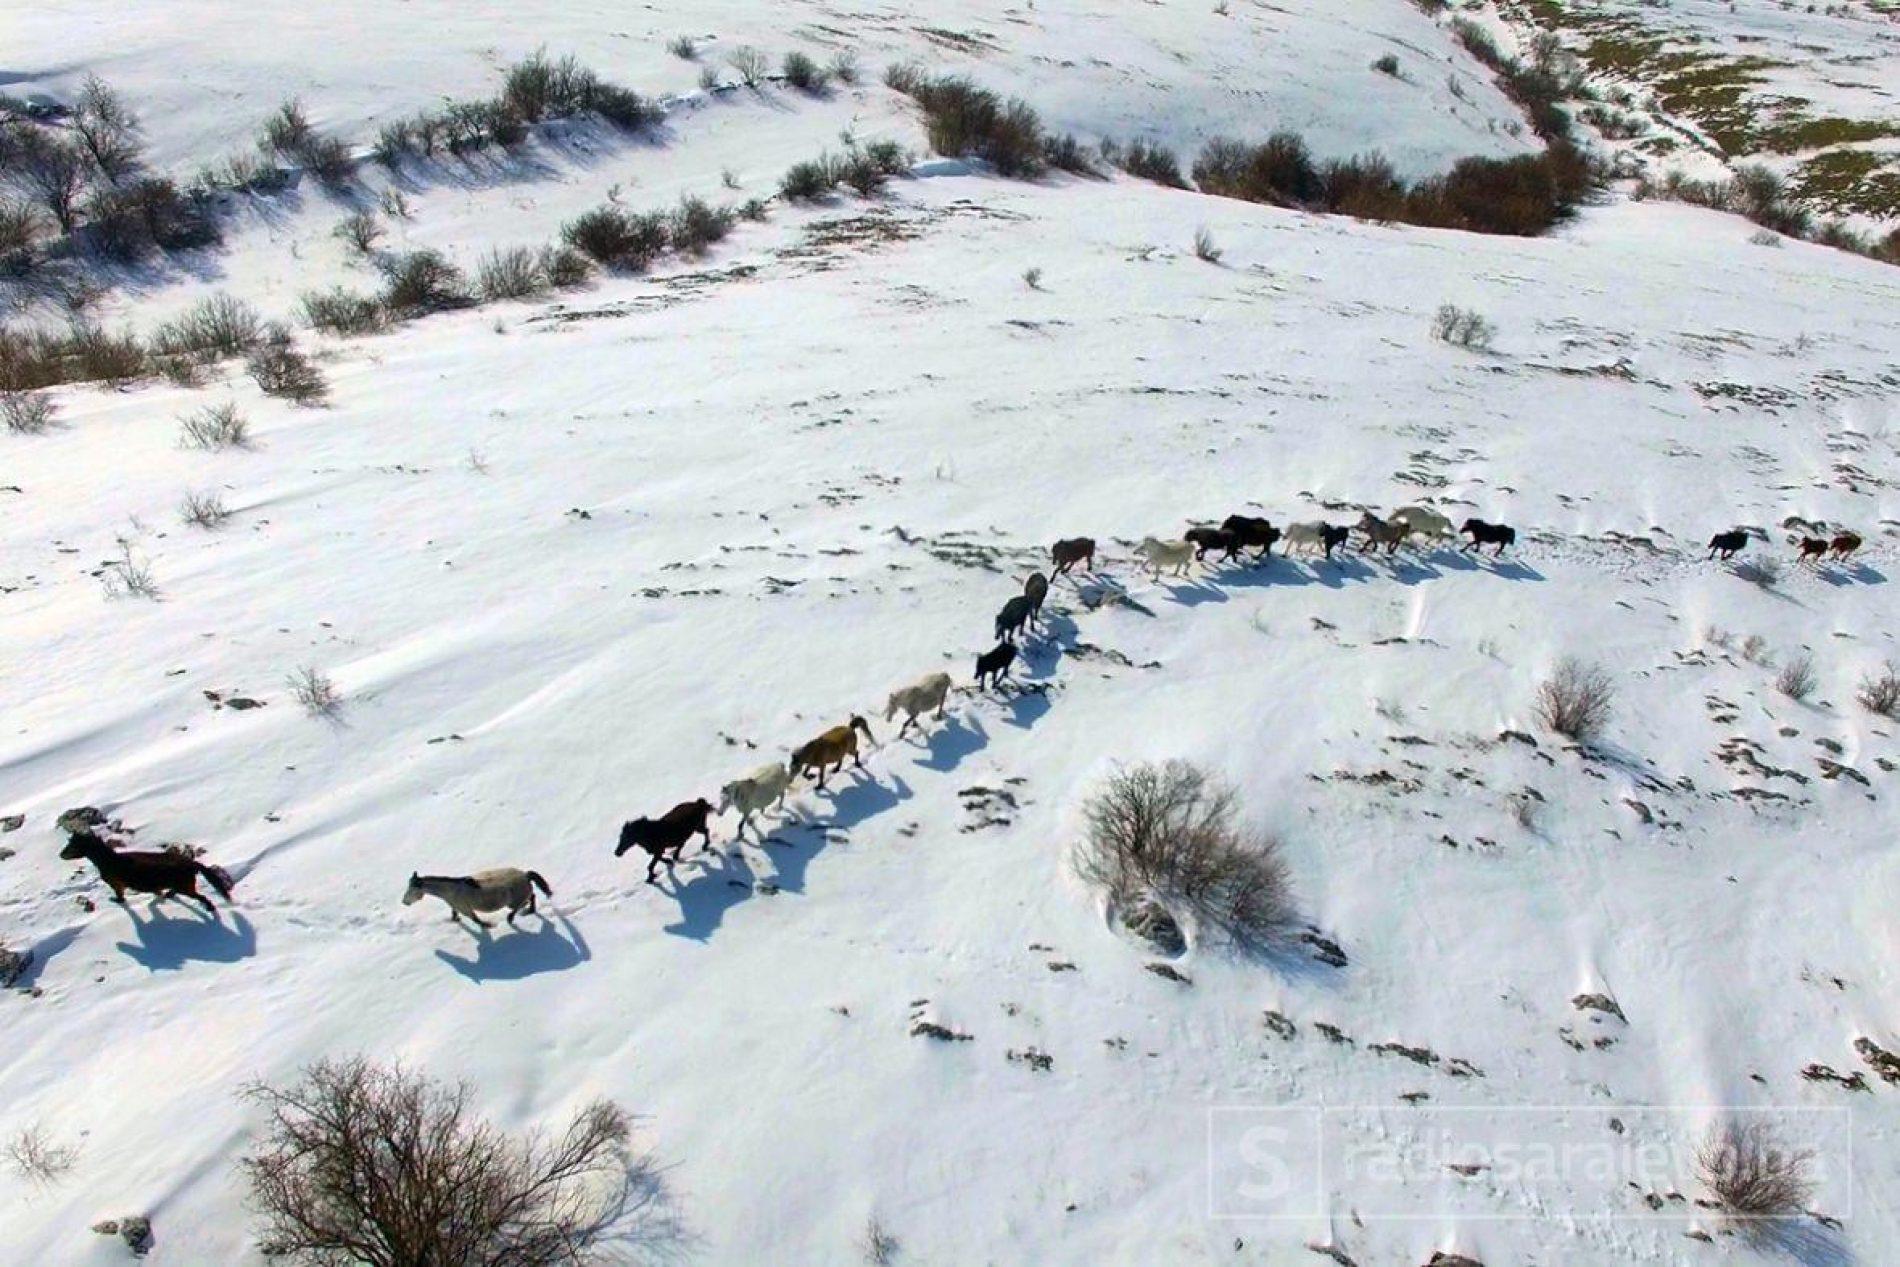 Fascinantan snimak iz zraka: Livanjski divlji konji